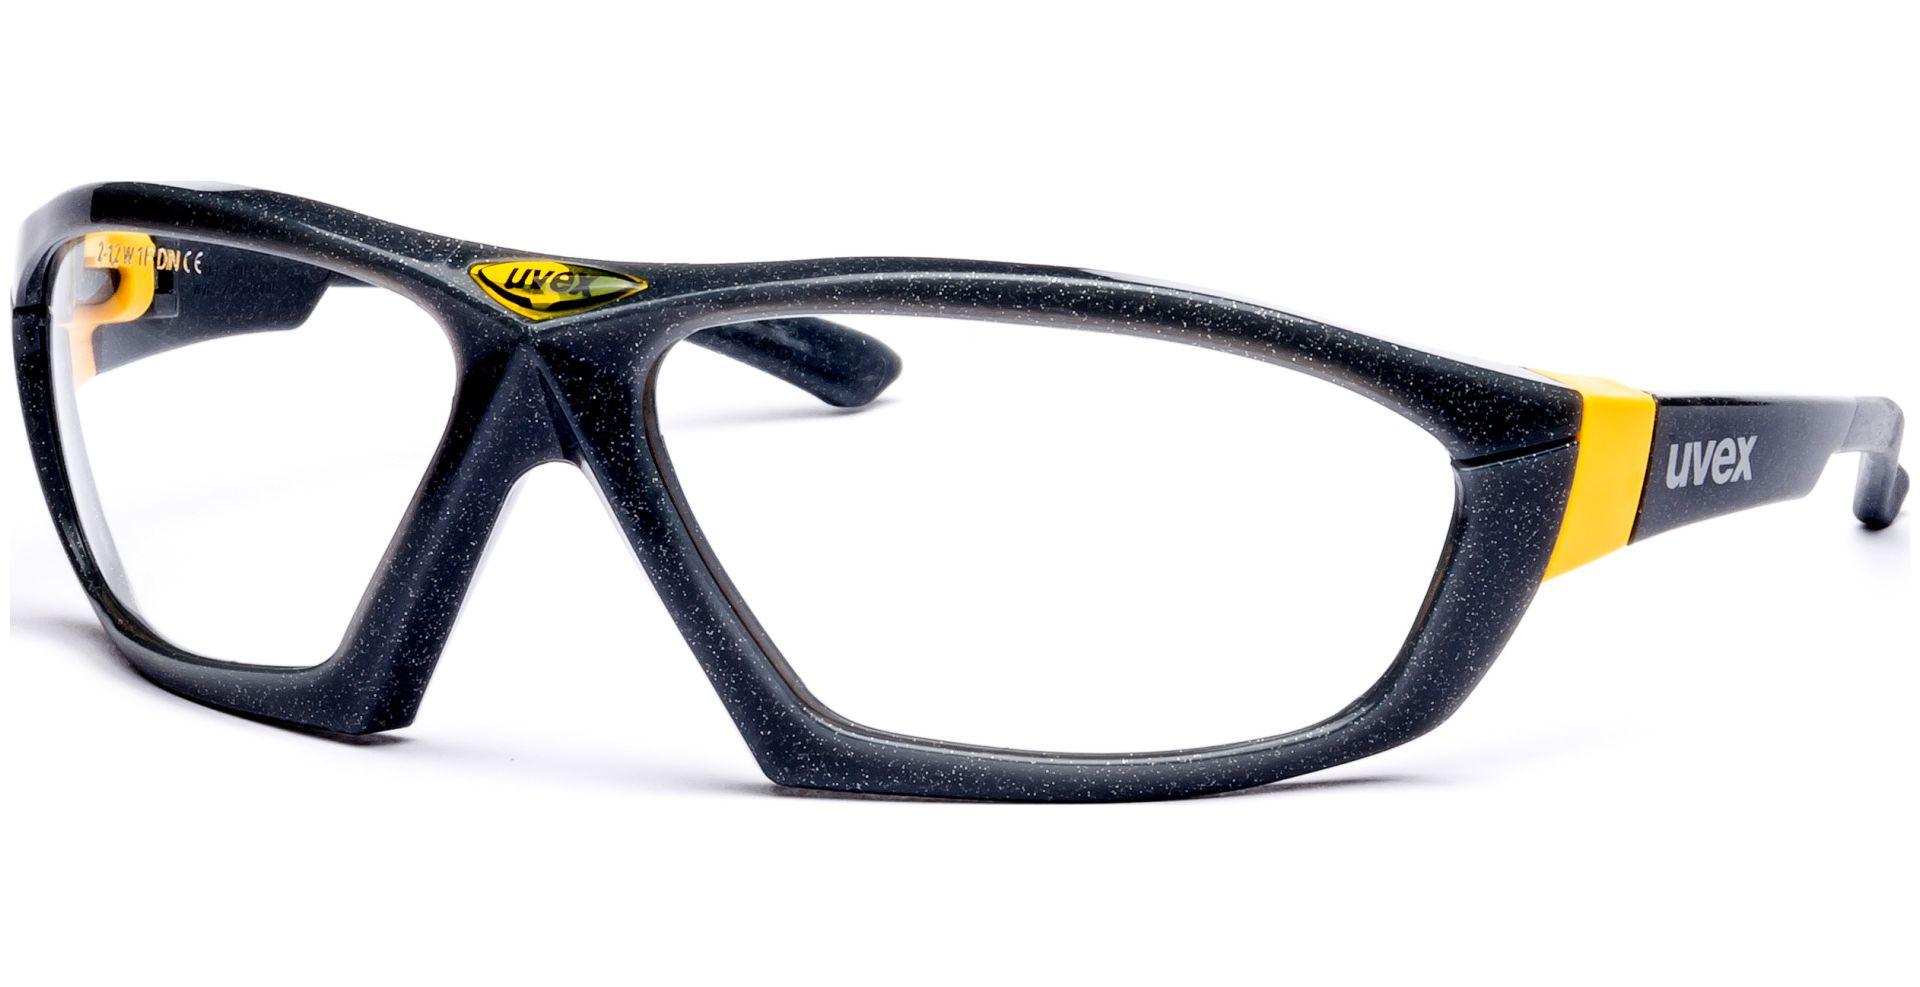 Uvex Arbeitsschutz - 9185.075 titan - von Lensbest